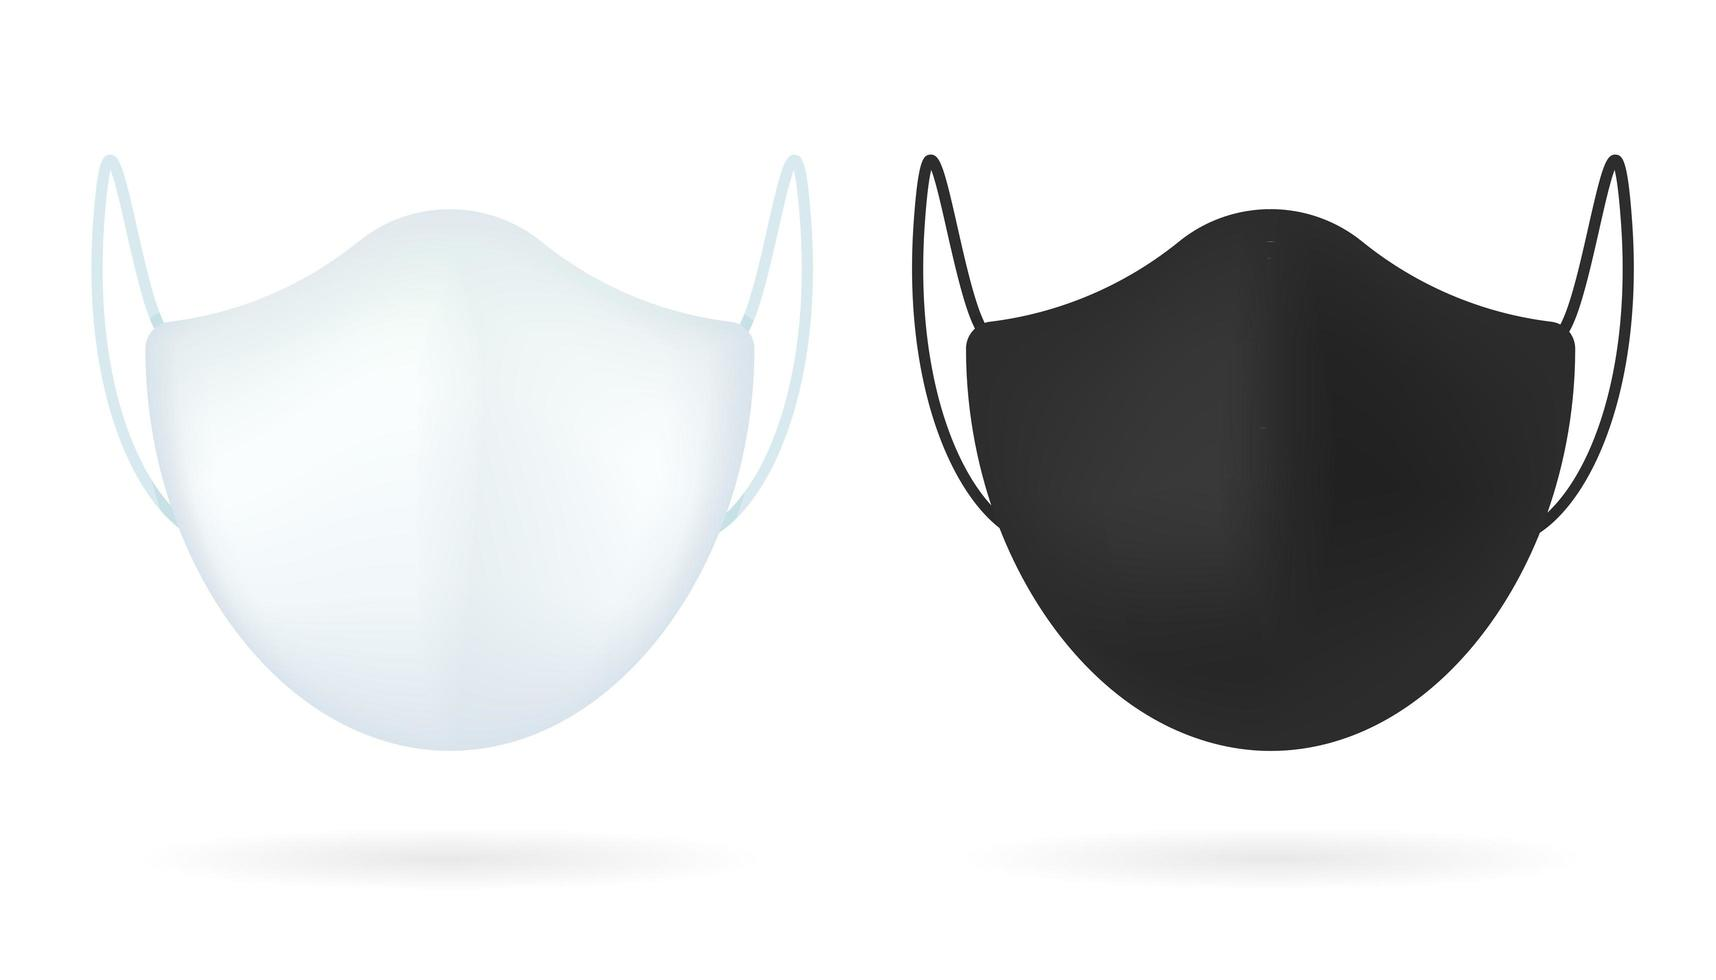 masque médical réaliste blanc, noir vecteur